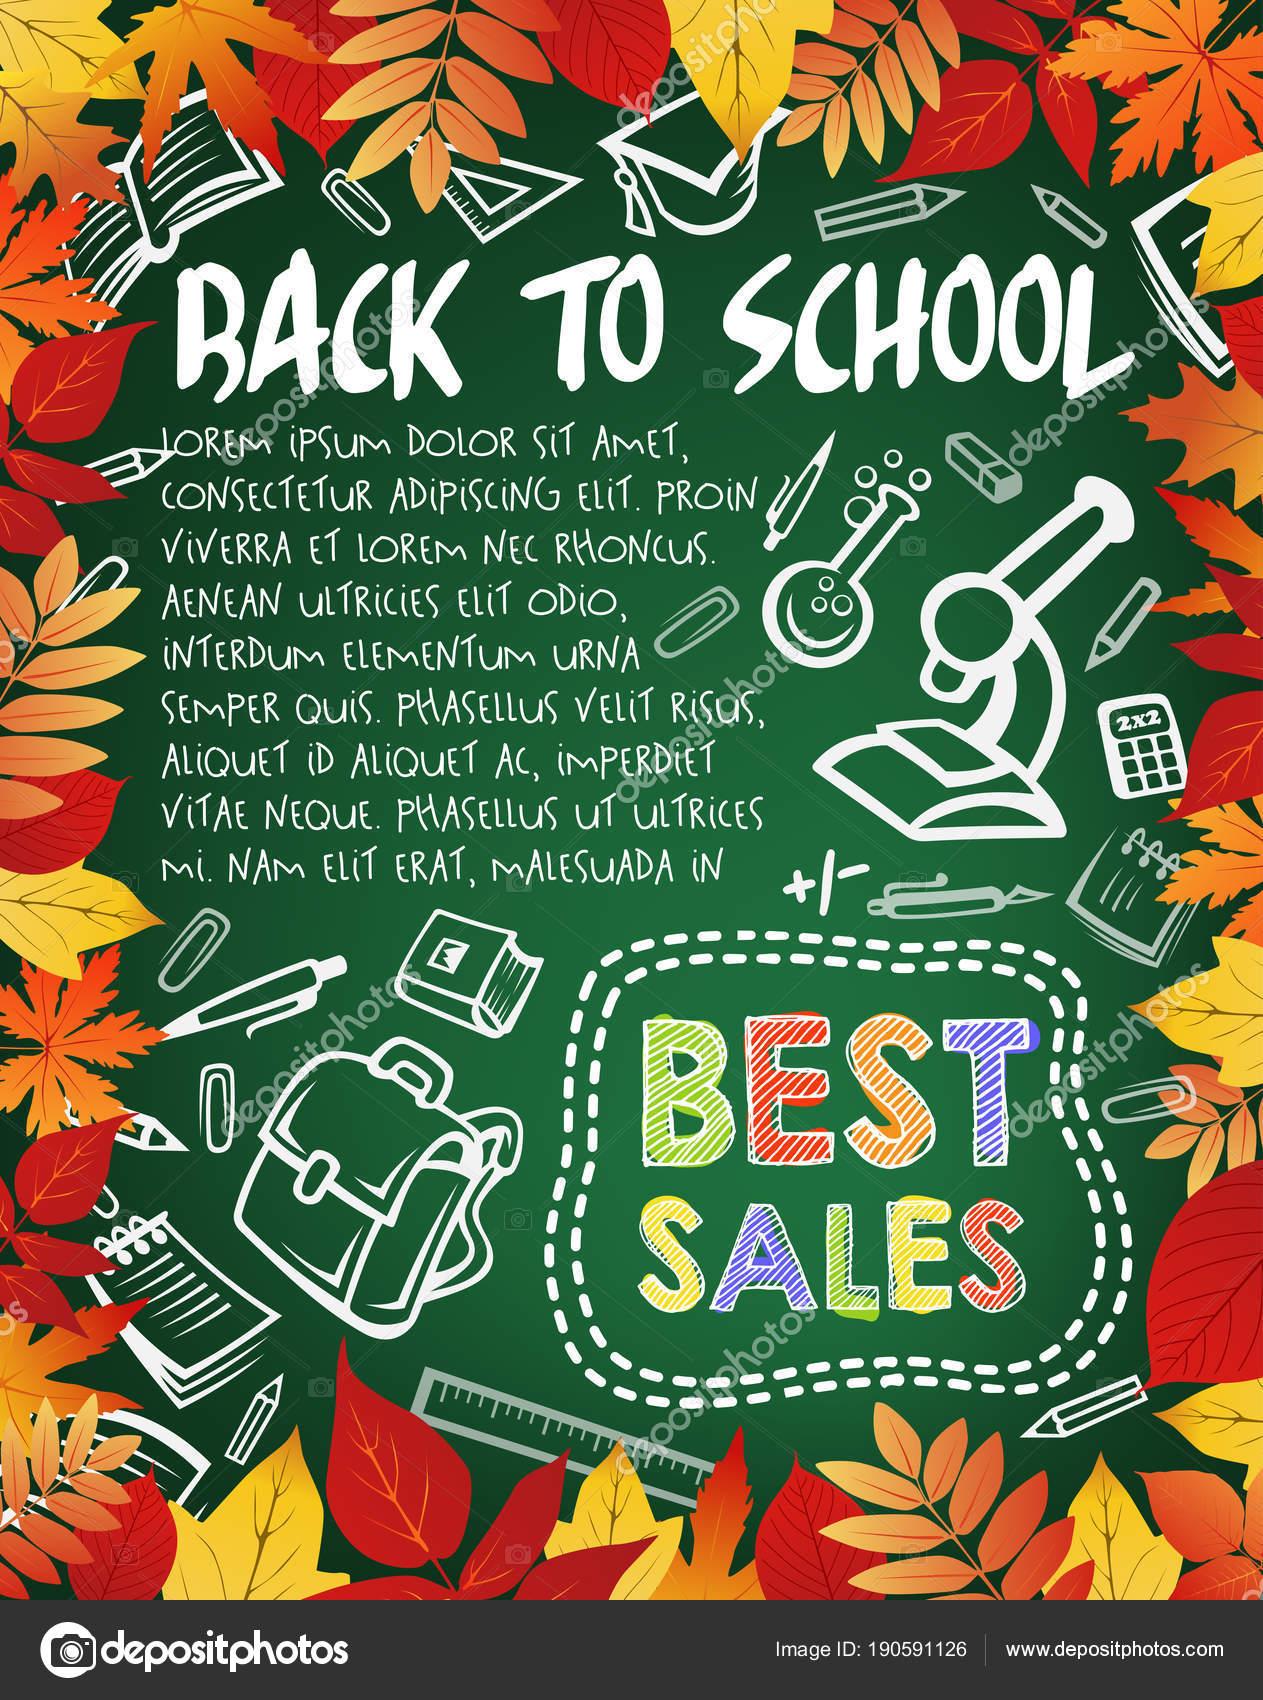 Zpátky do školy speciální nabídka plakát 8c5ba92407